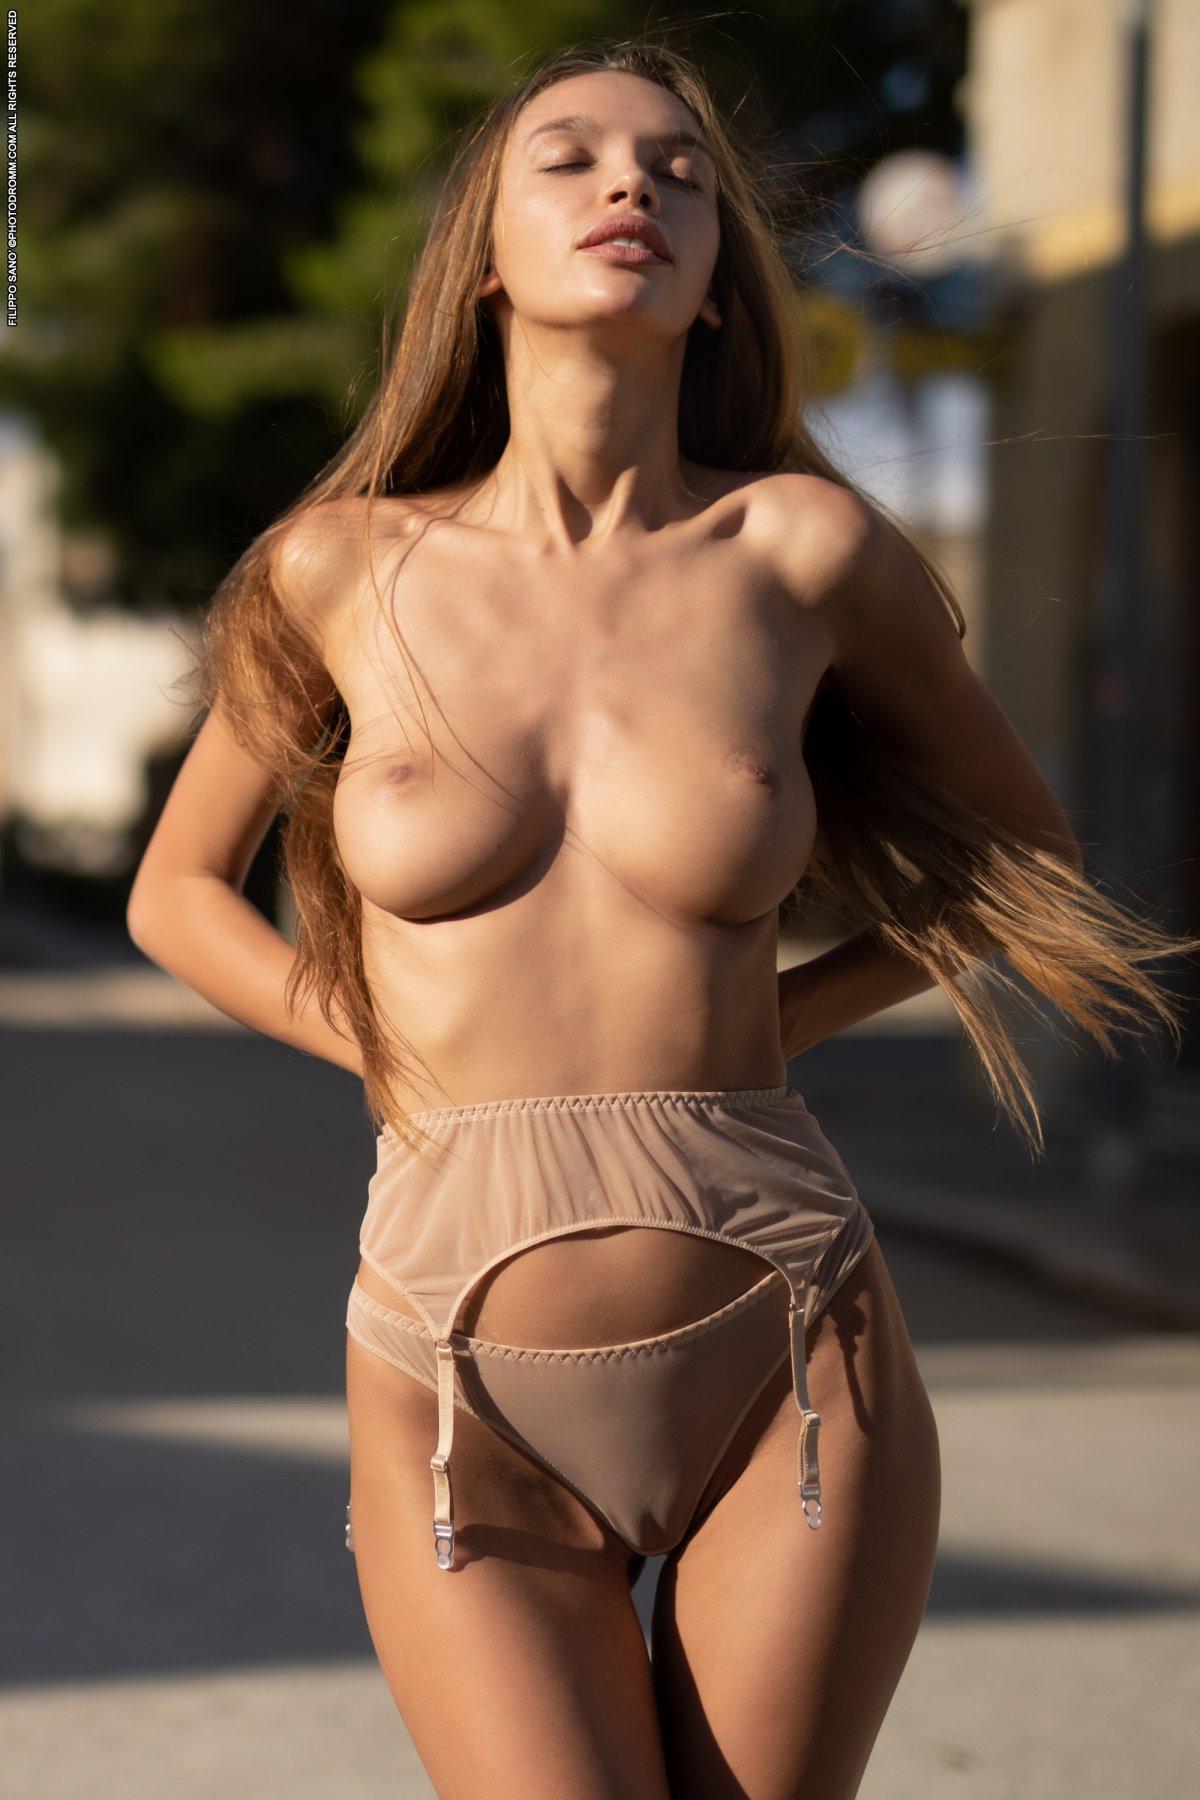 alina nude modell